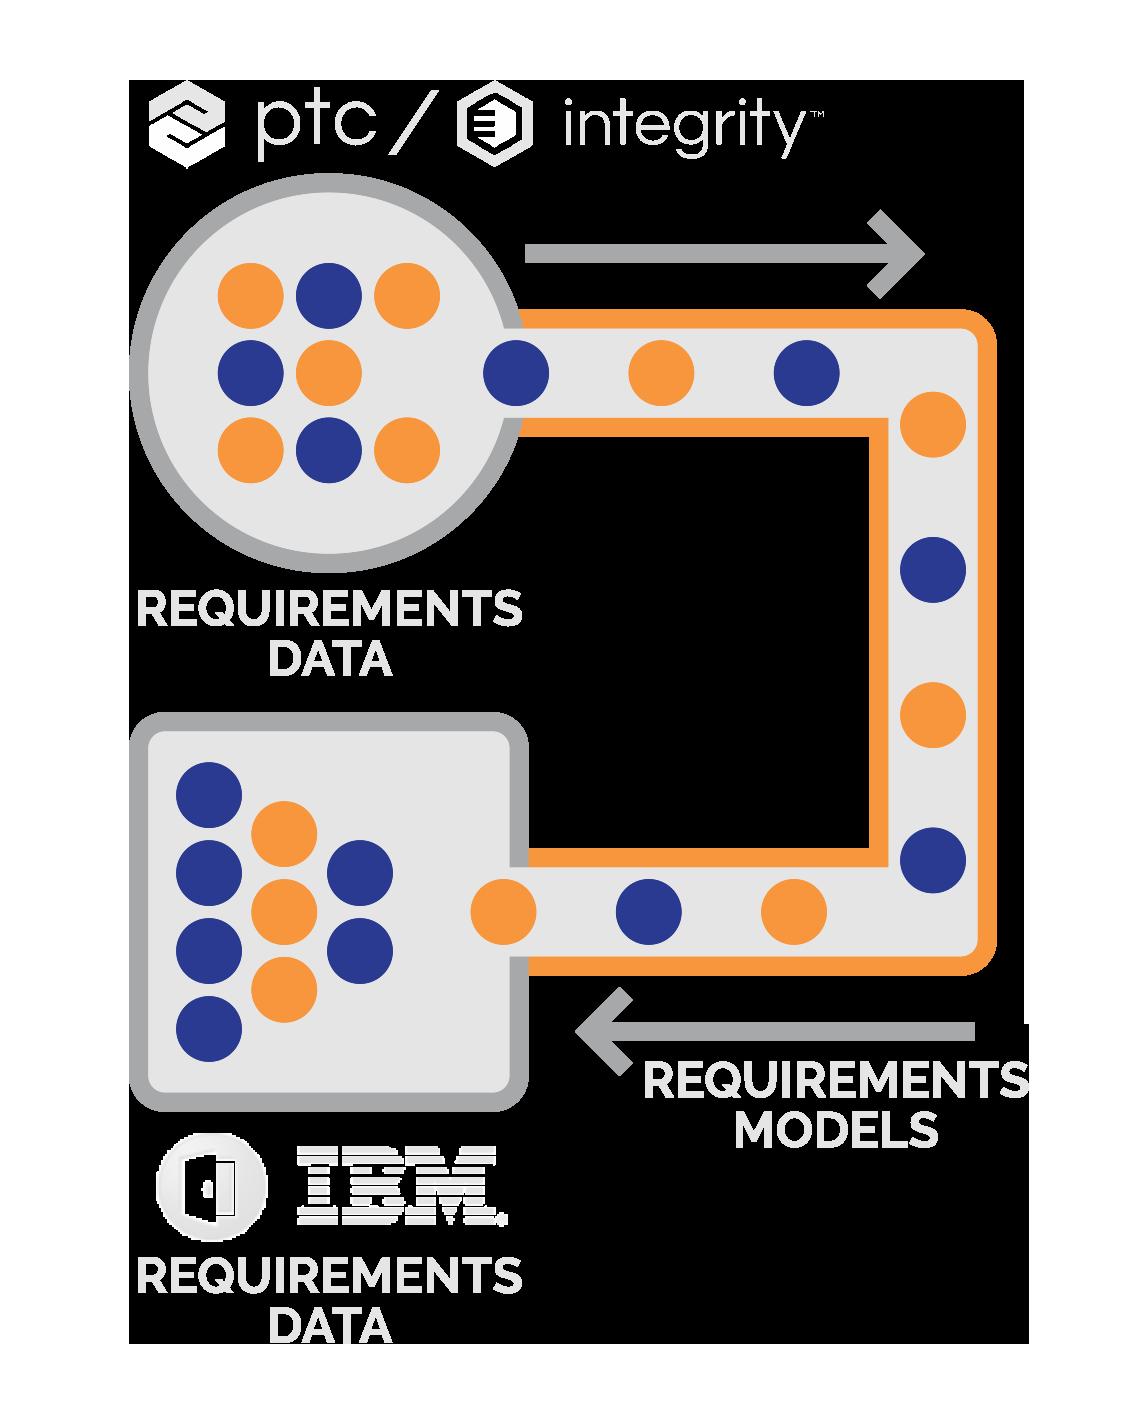 sodius_diagram9